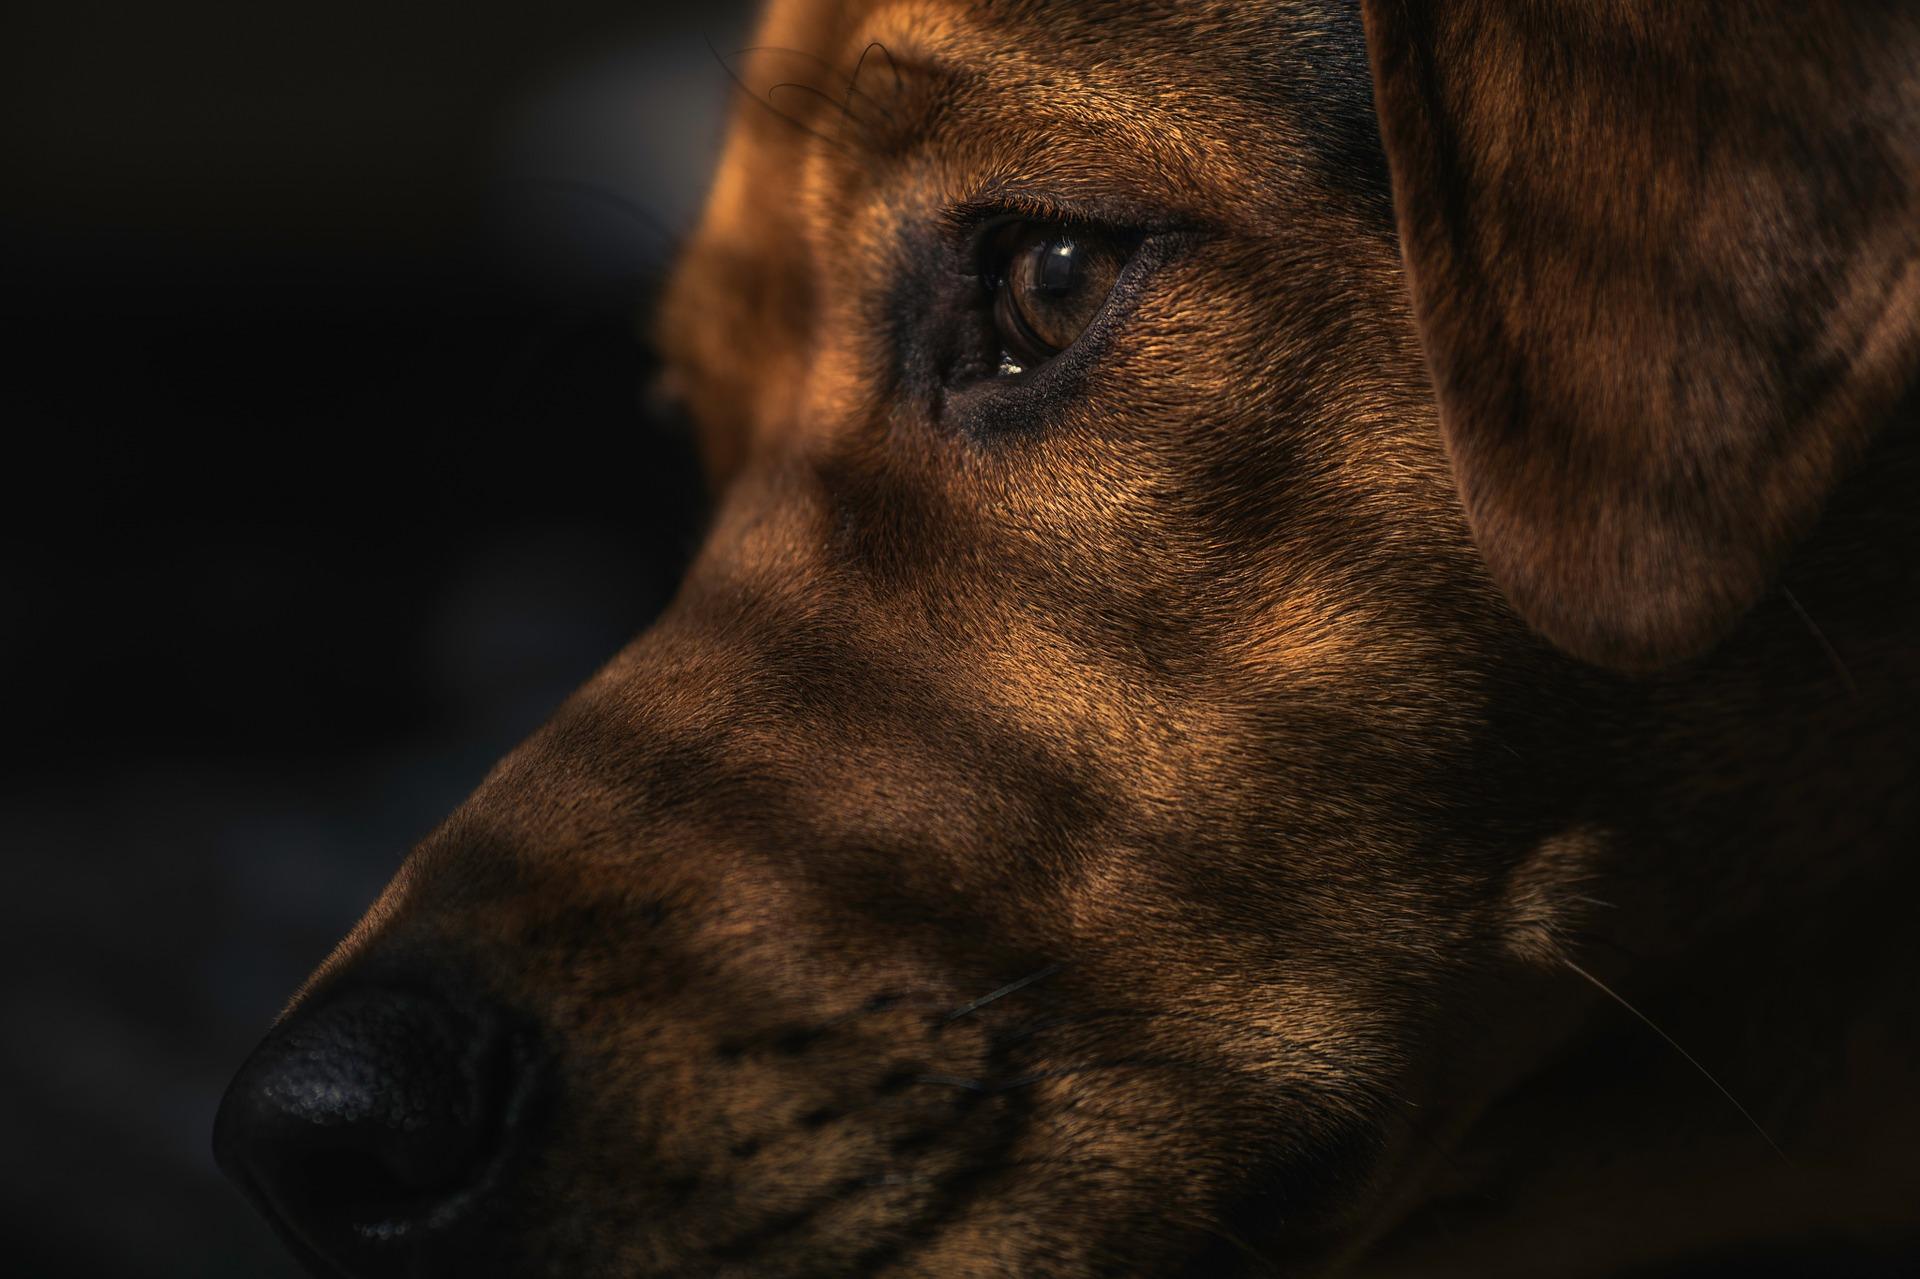 Calcio y fósforo en perros